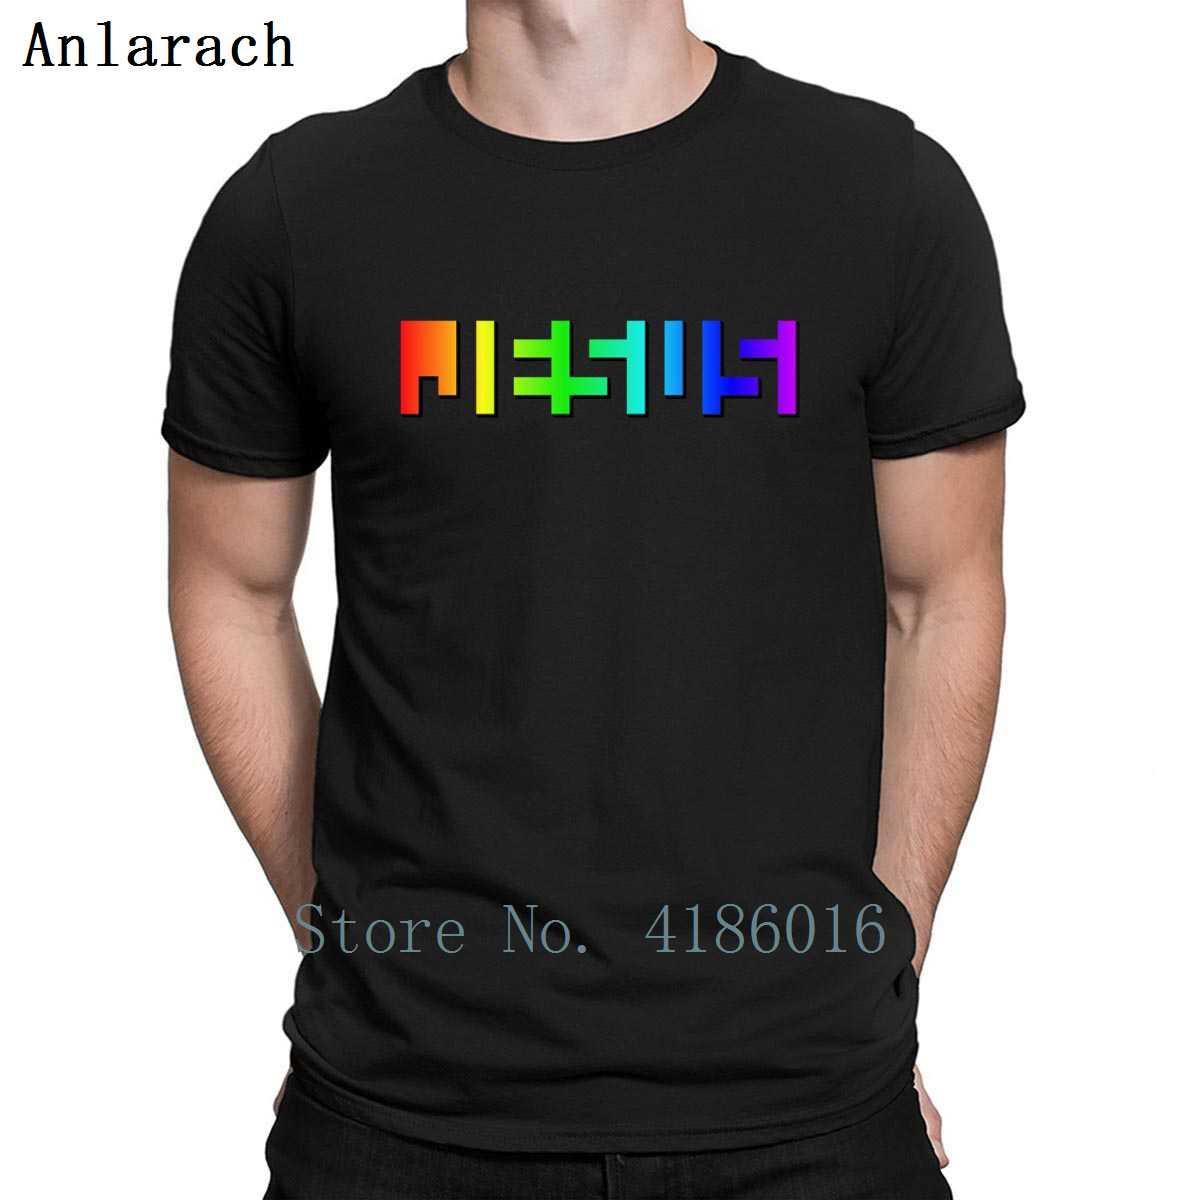 Jesús es el Señor del arco iris Camiseta cuello redondo tendencia regalo verano estilo Color sólido camiseta auténtica camisa de punto